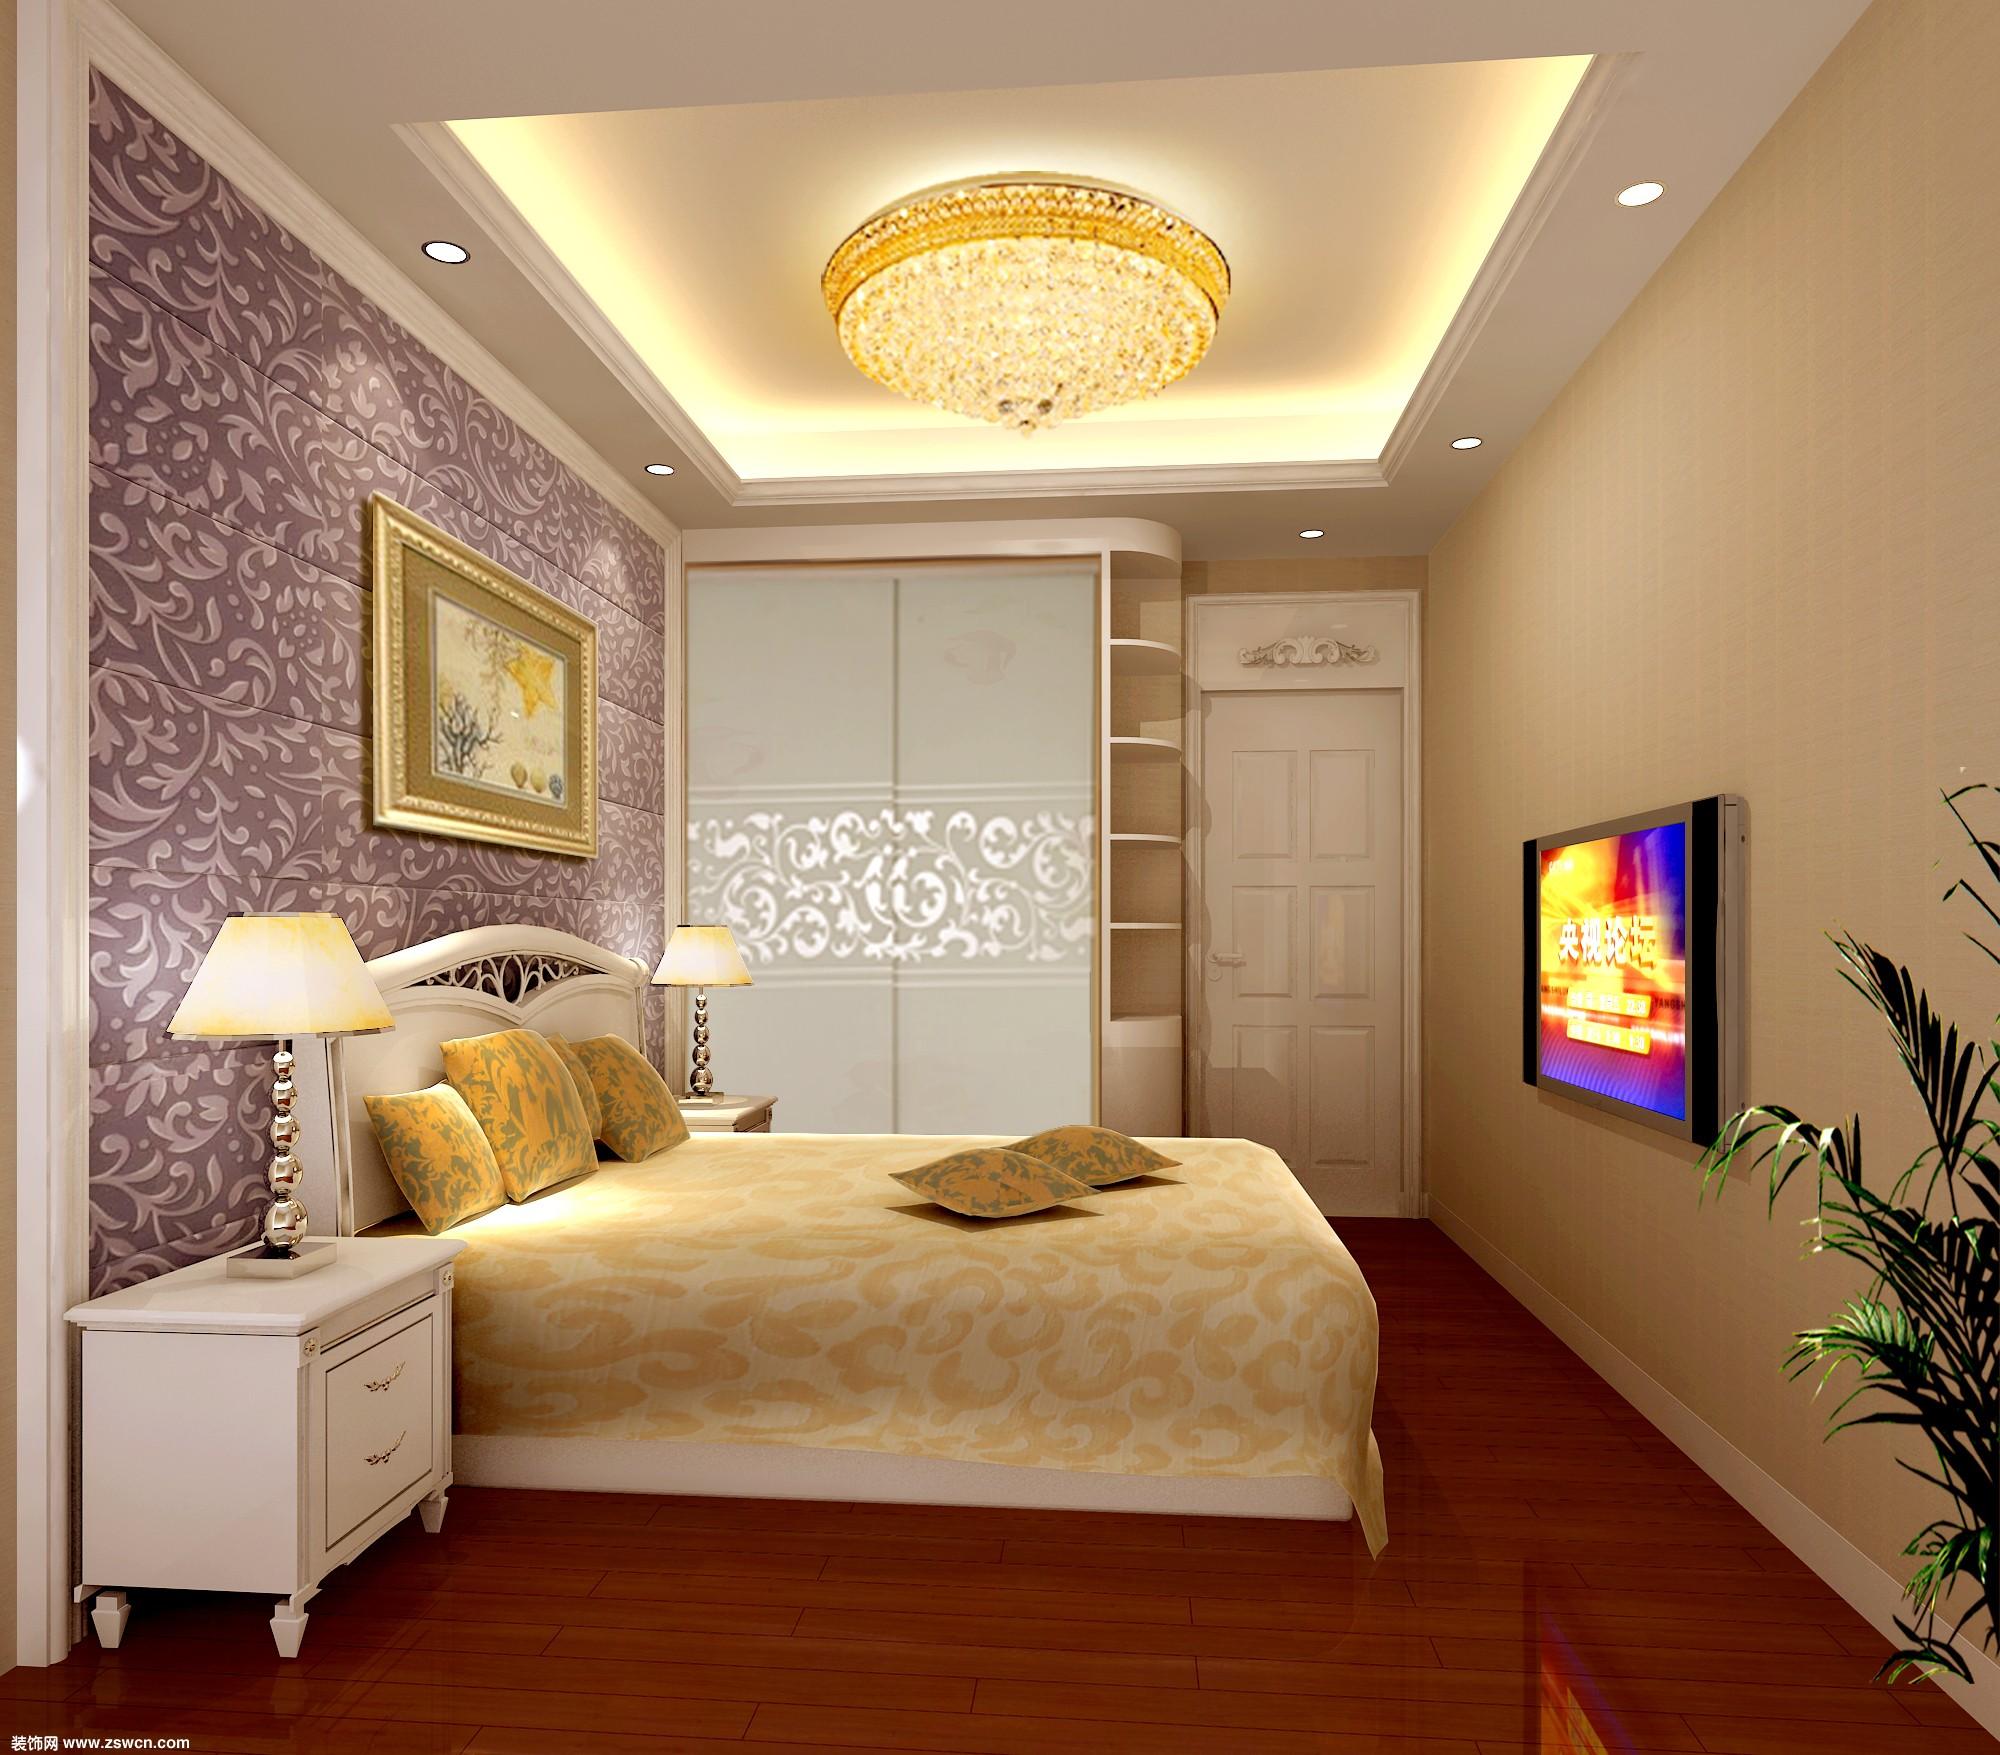 家居室内装修现代简约风格-安全